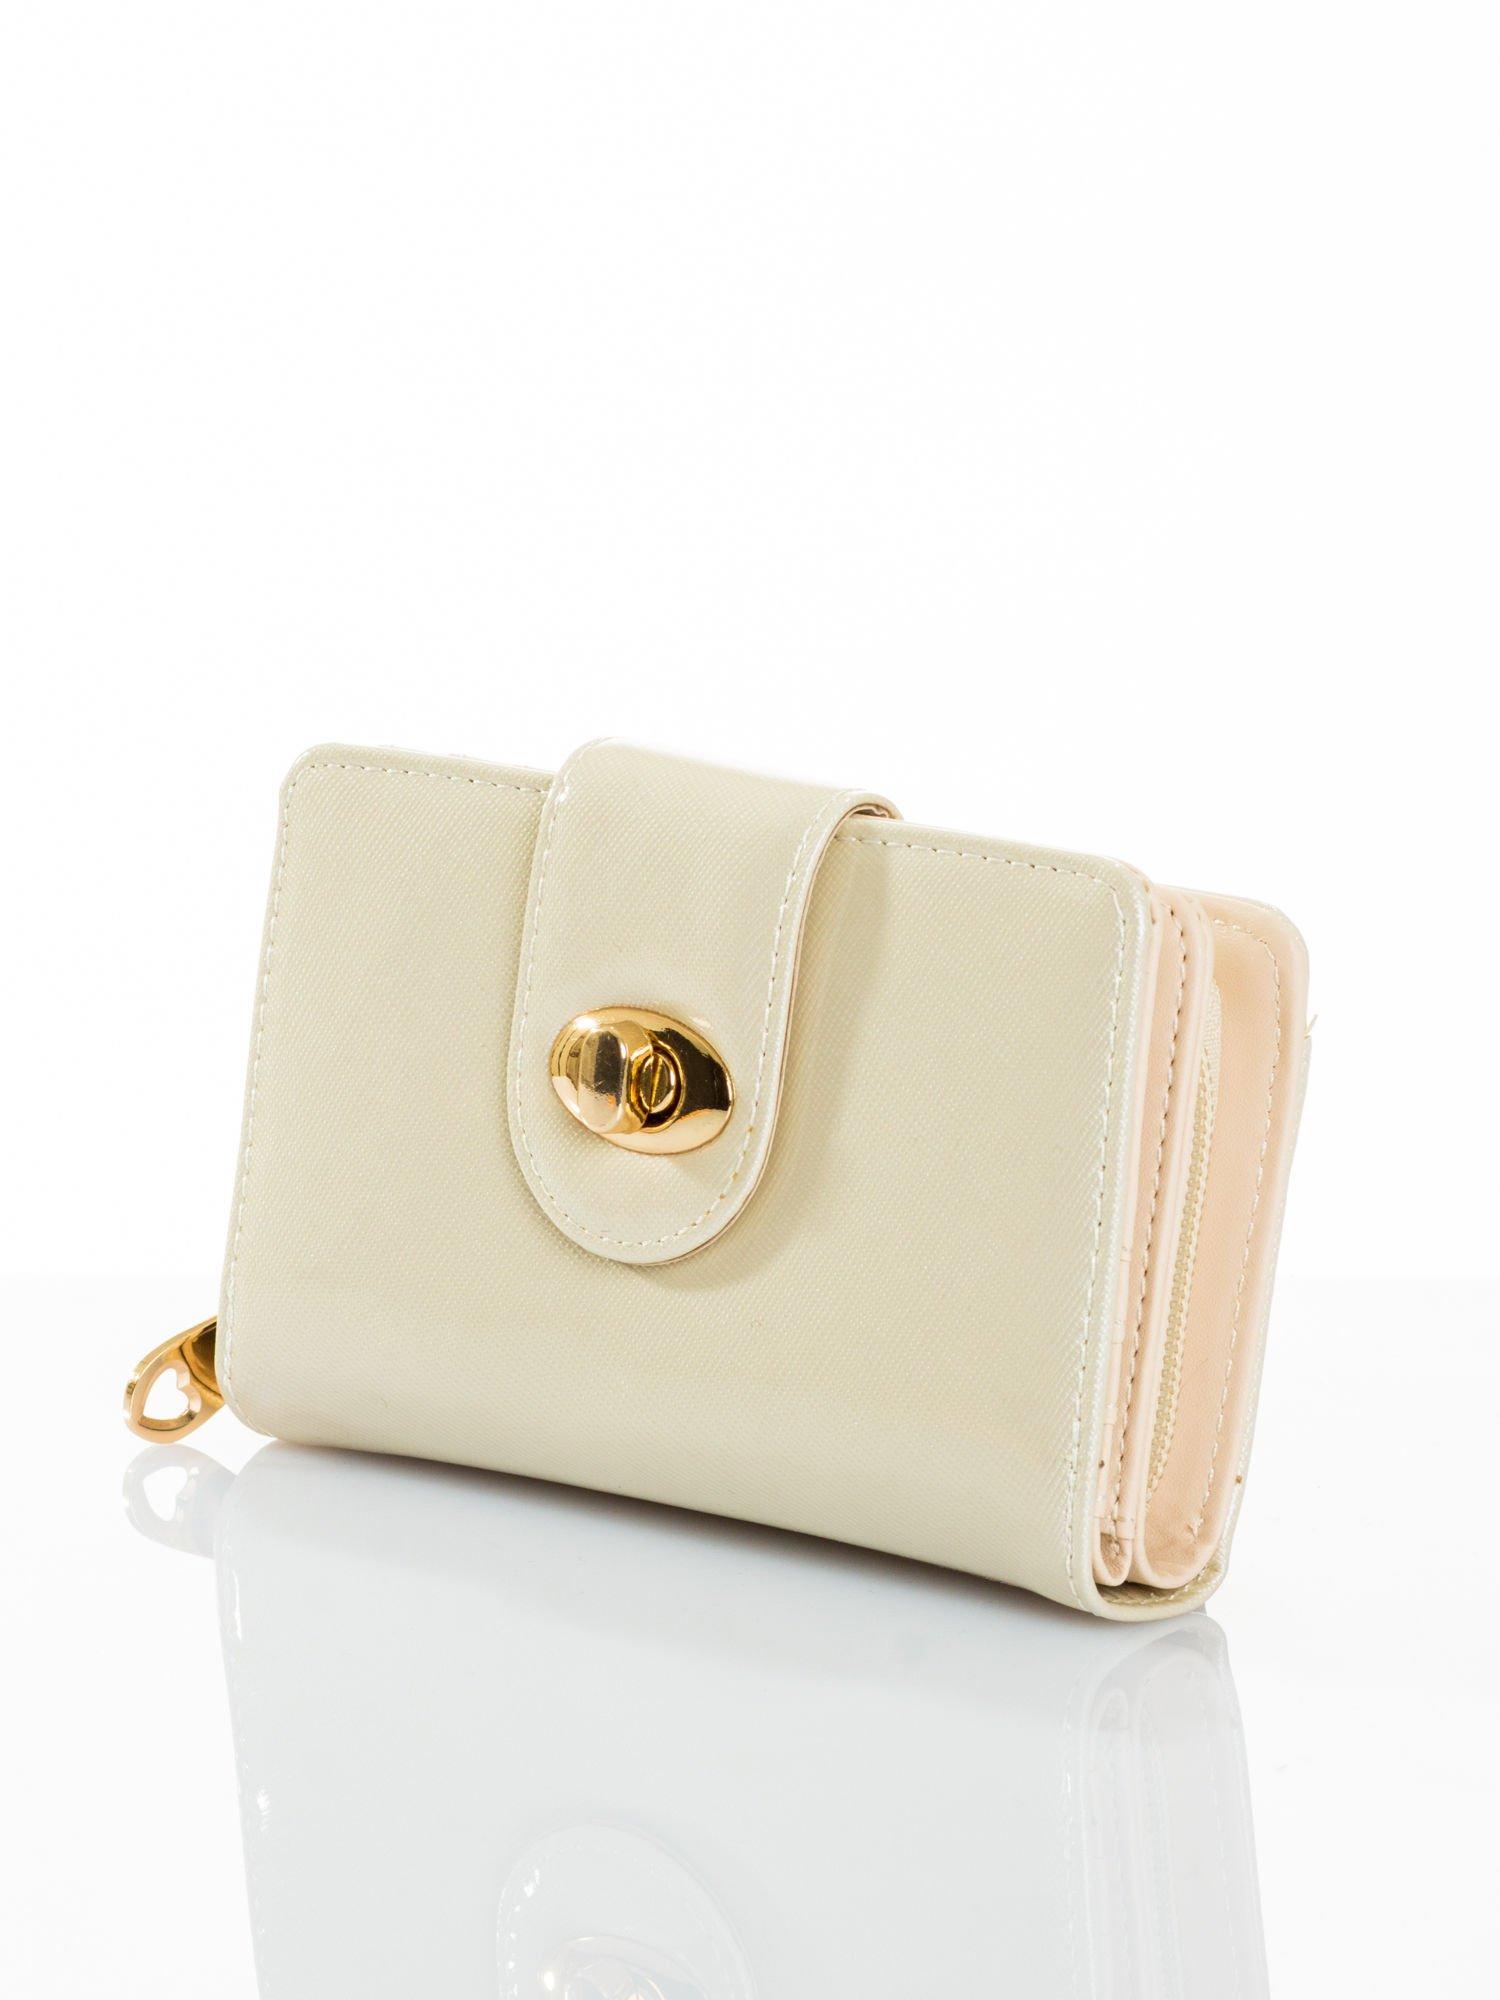 Ecru portfel ze złotym zapięciem efekt skóry saffiano                                  zdj.                                  2